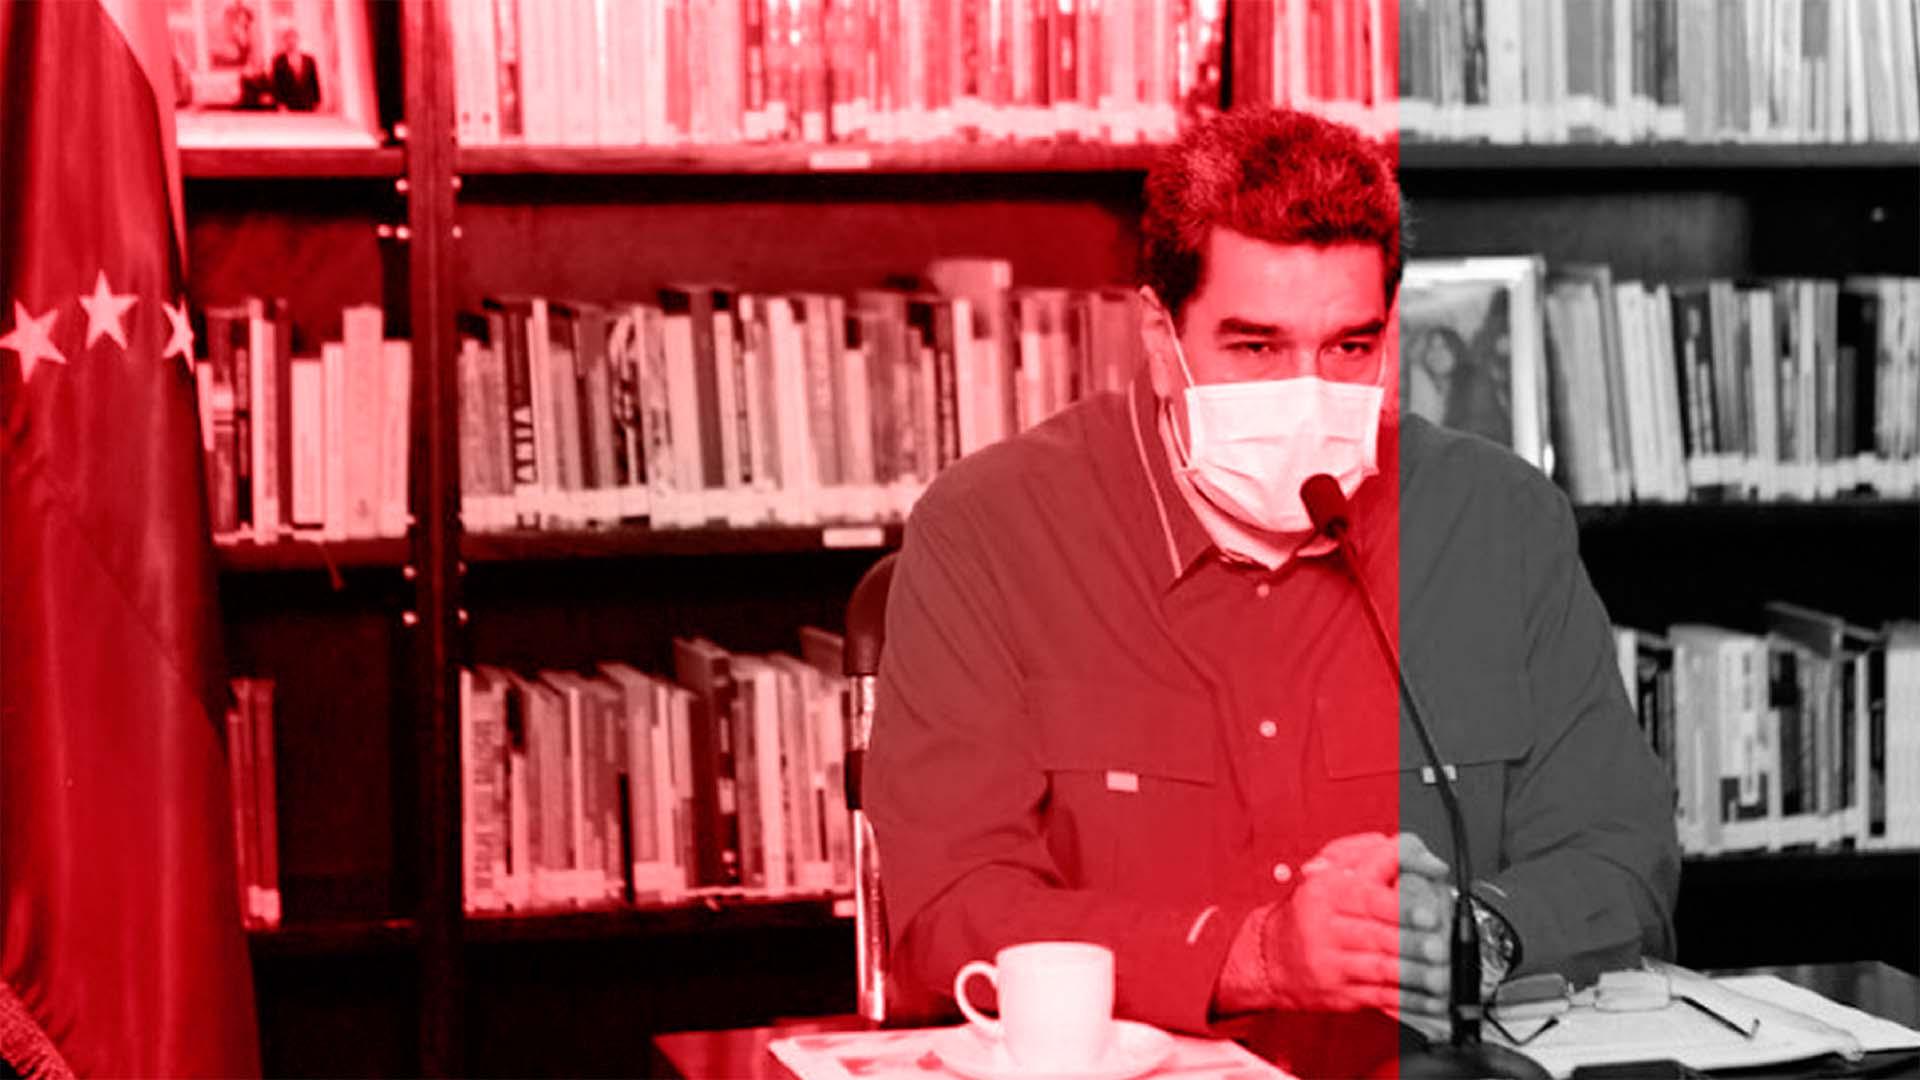 La pandemia y las acciones del gobierno, por Luis Fuenmayor Toro